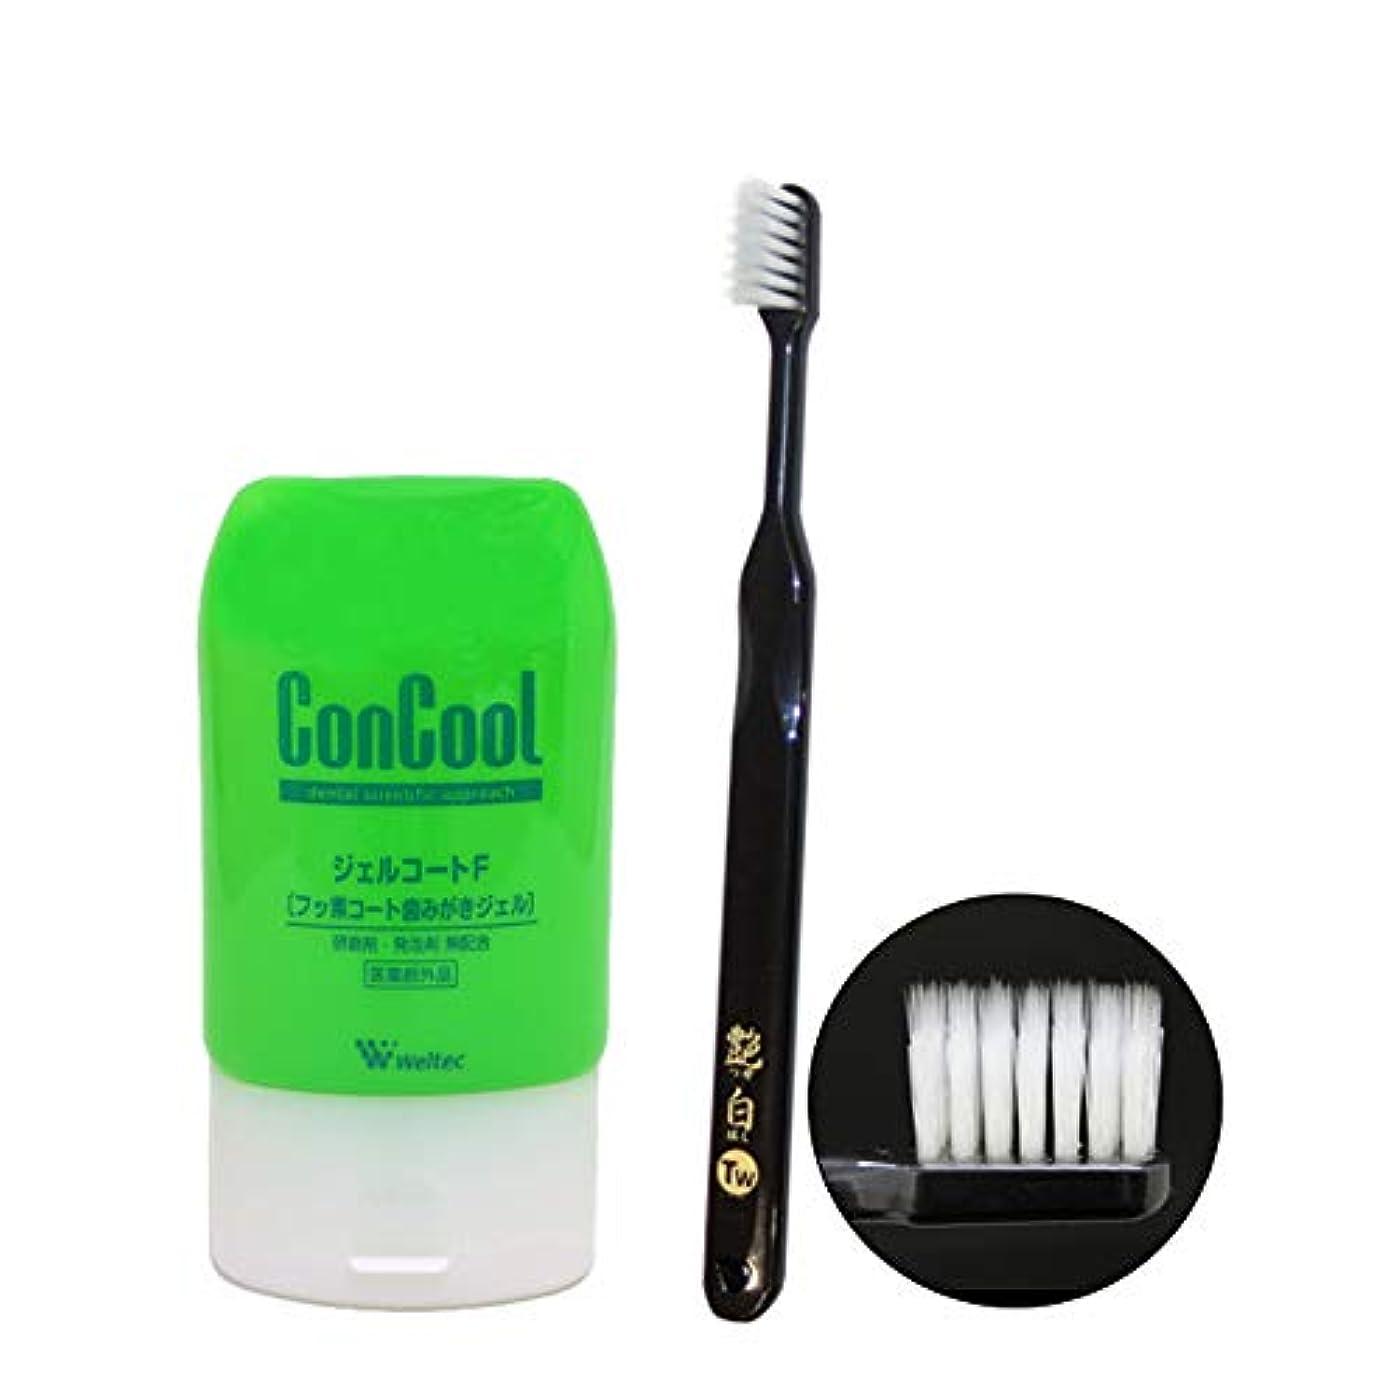 建設眠りコンクール ジェルコートF 90g×1個 + 艶白 (つやはく) Tw ツイン (二段植毛) 歯ブラシ×1本 MS(やややわらかめ) 日本製 歯科専売品